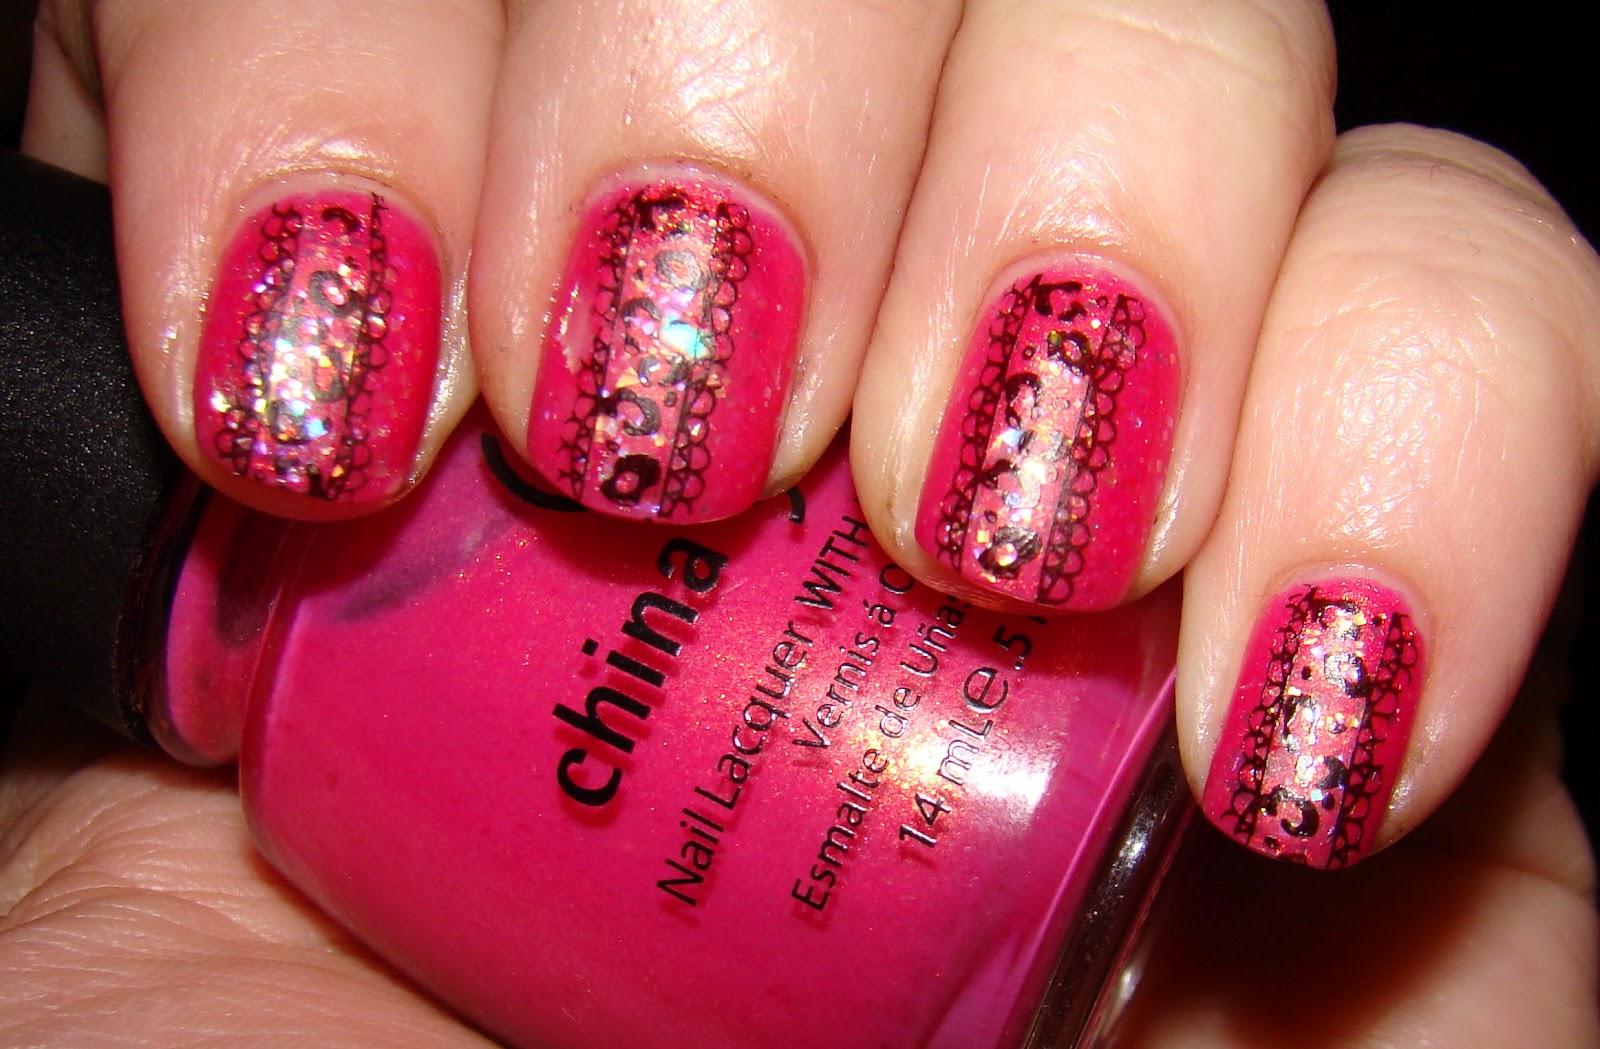 http://2.bp.blogspot.com/-X55vzplaQrk/T1Y2UPr5rJI/AAAAAAAAAWk/ZDcN3UAL8LY/s1600/china-glaze-strawberry-fields-matte-opi-i-lily-love-you.JPG